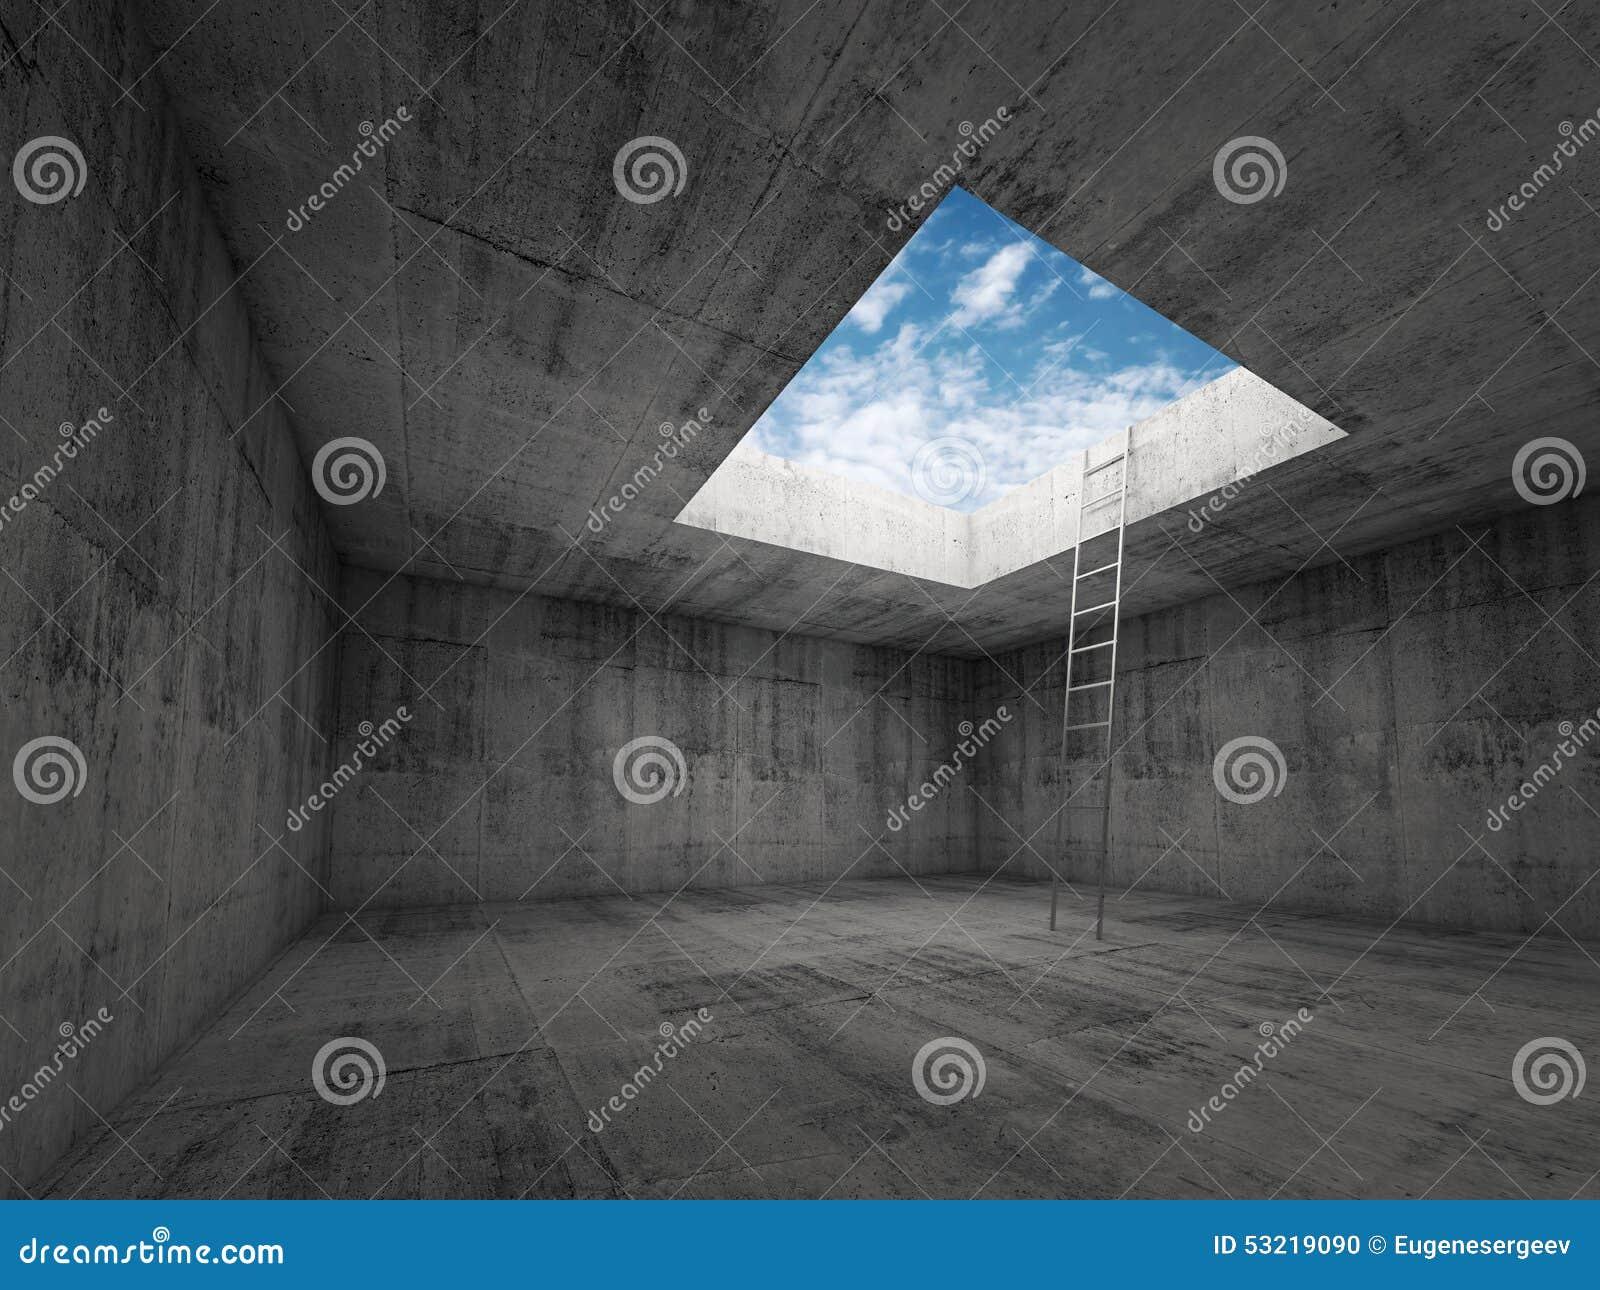 La escalera va al cielo hacia fuera del interior del sitio oscuro, 3d